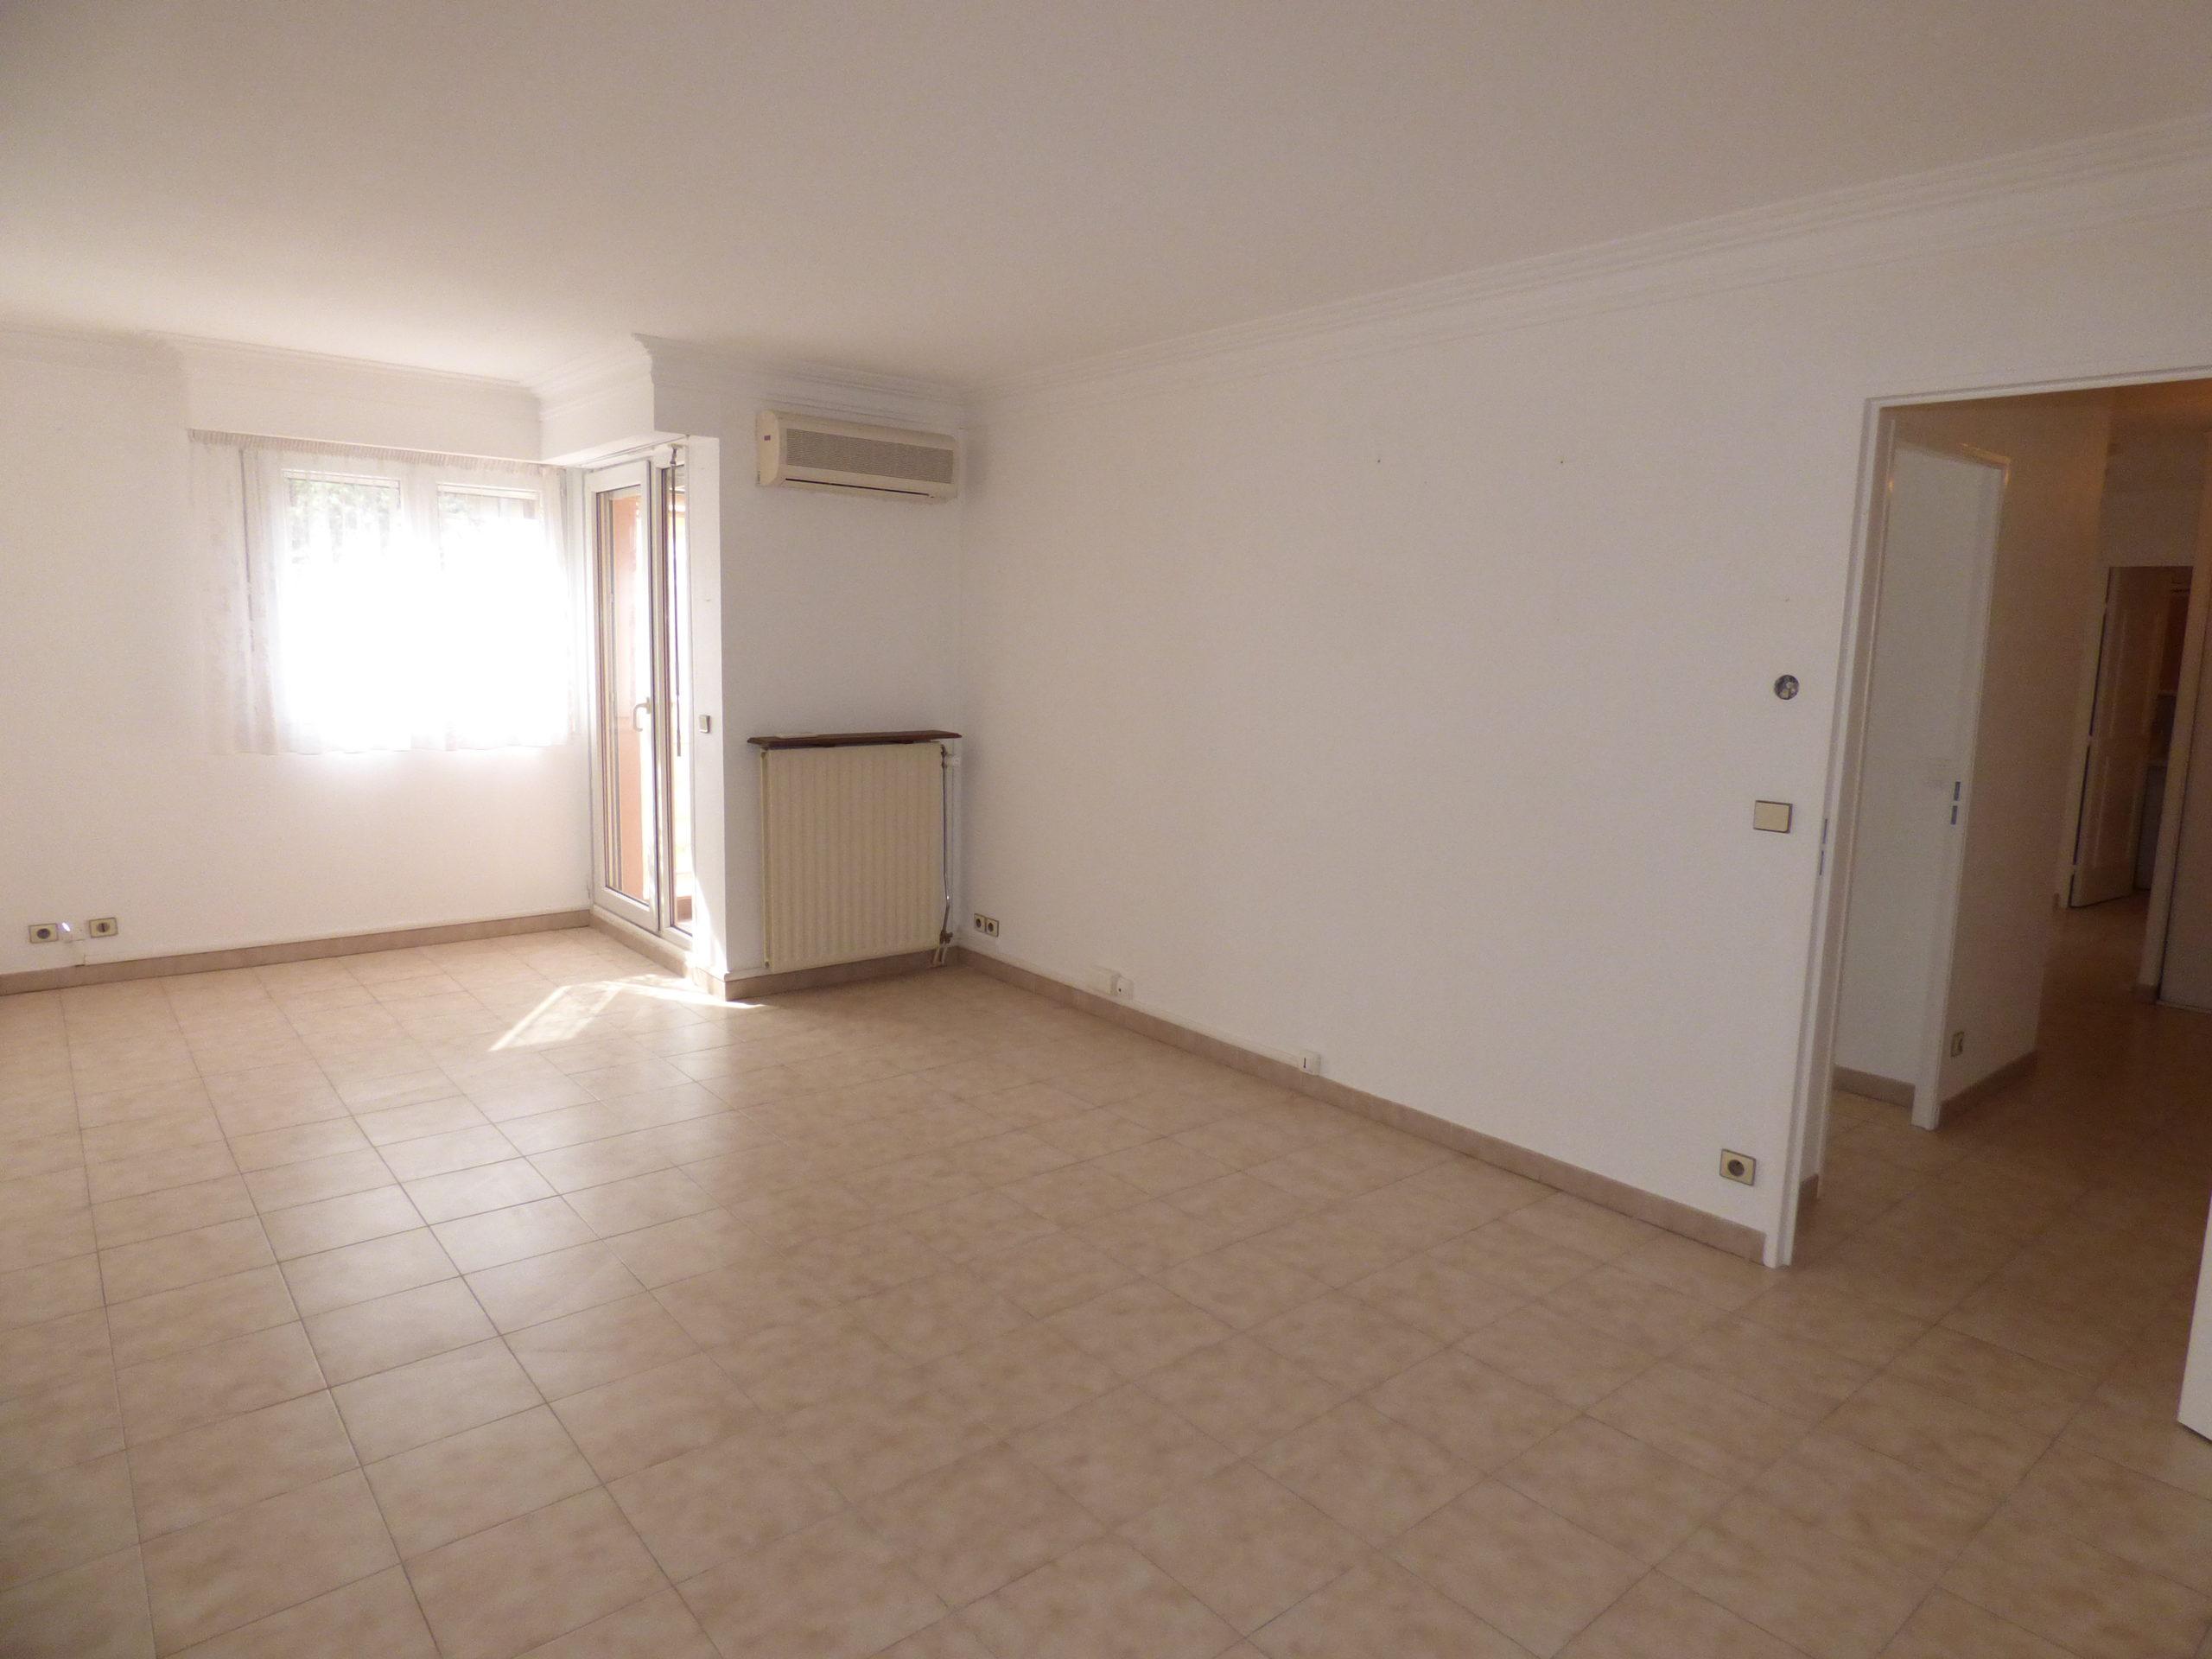 Appartement T3 69m² balcon – Draguignan